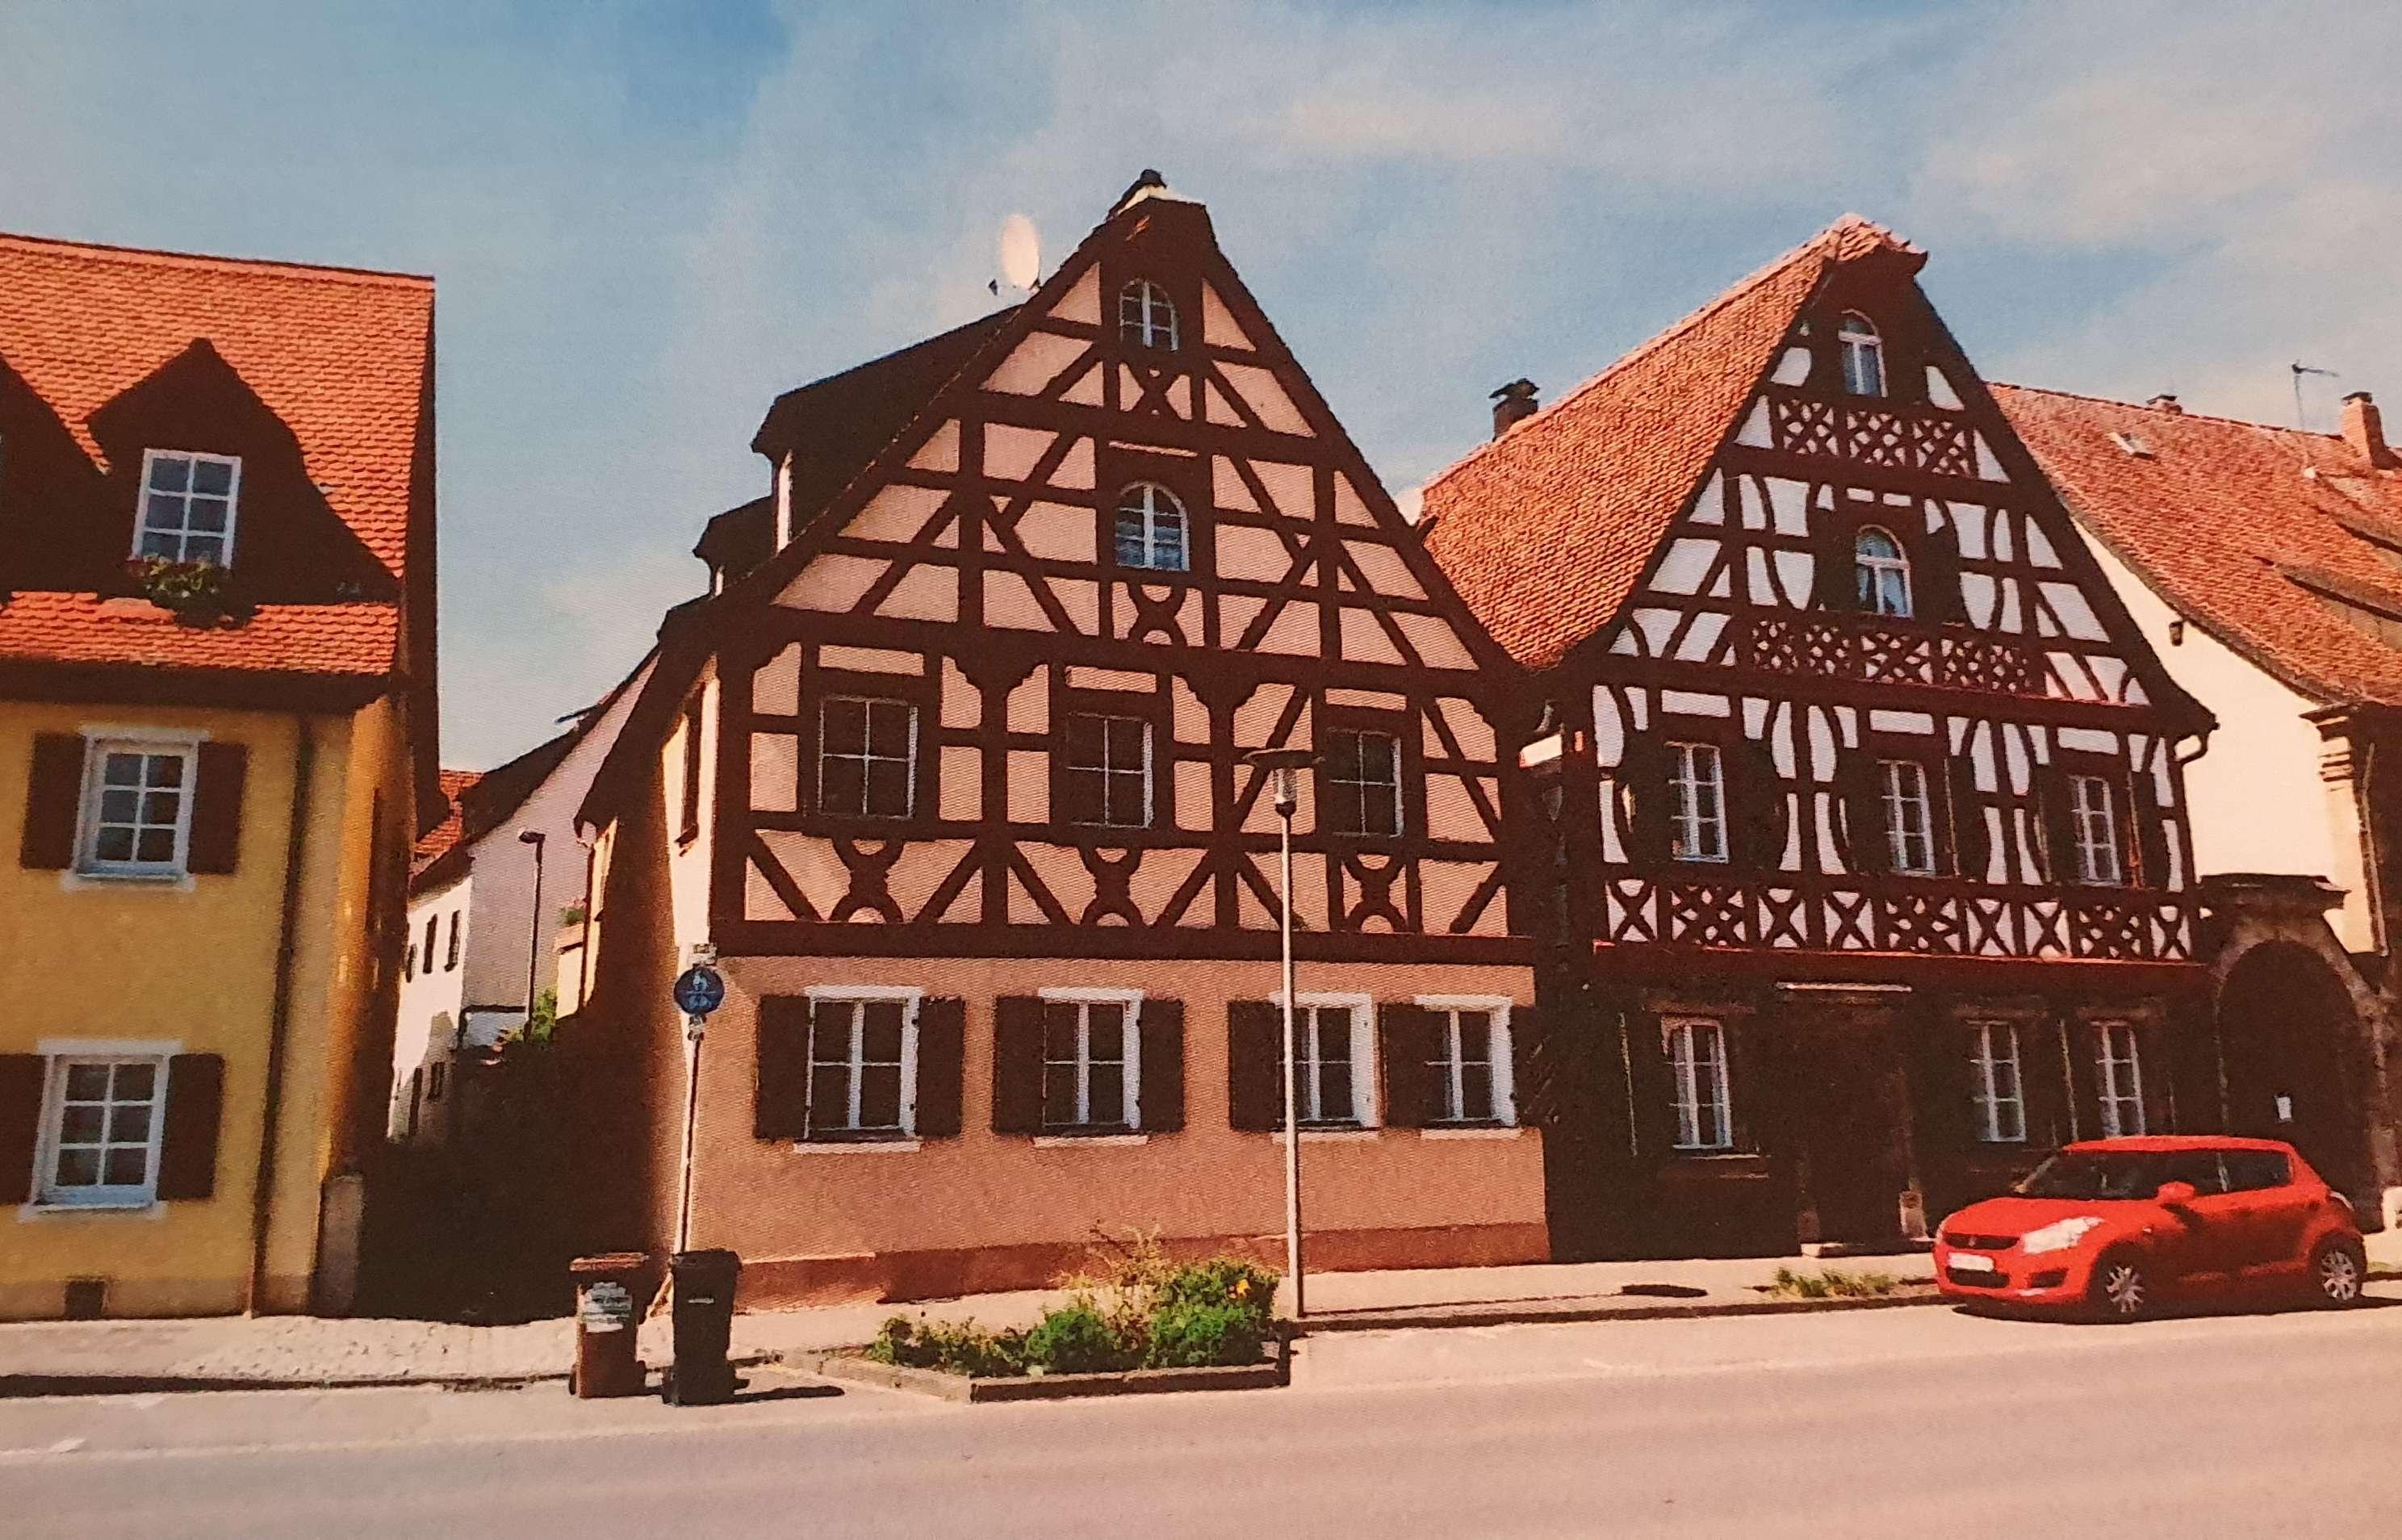 4-Zimmer-Erdgeschosswohnung mit EBK in Baiersdorf - Wohnen im Denkmal in Baiersdorf